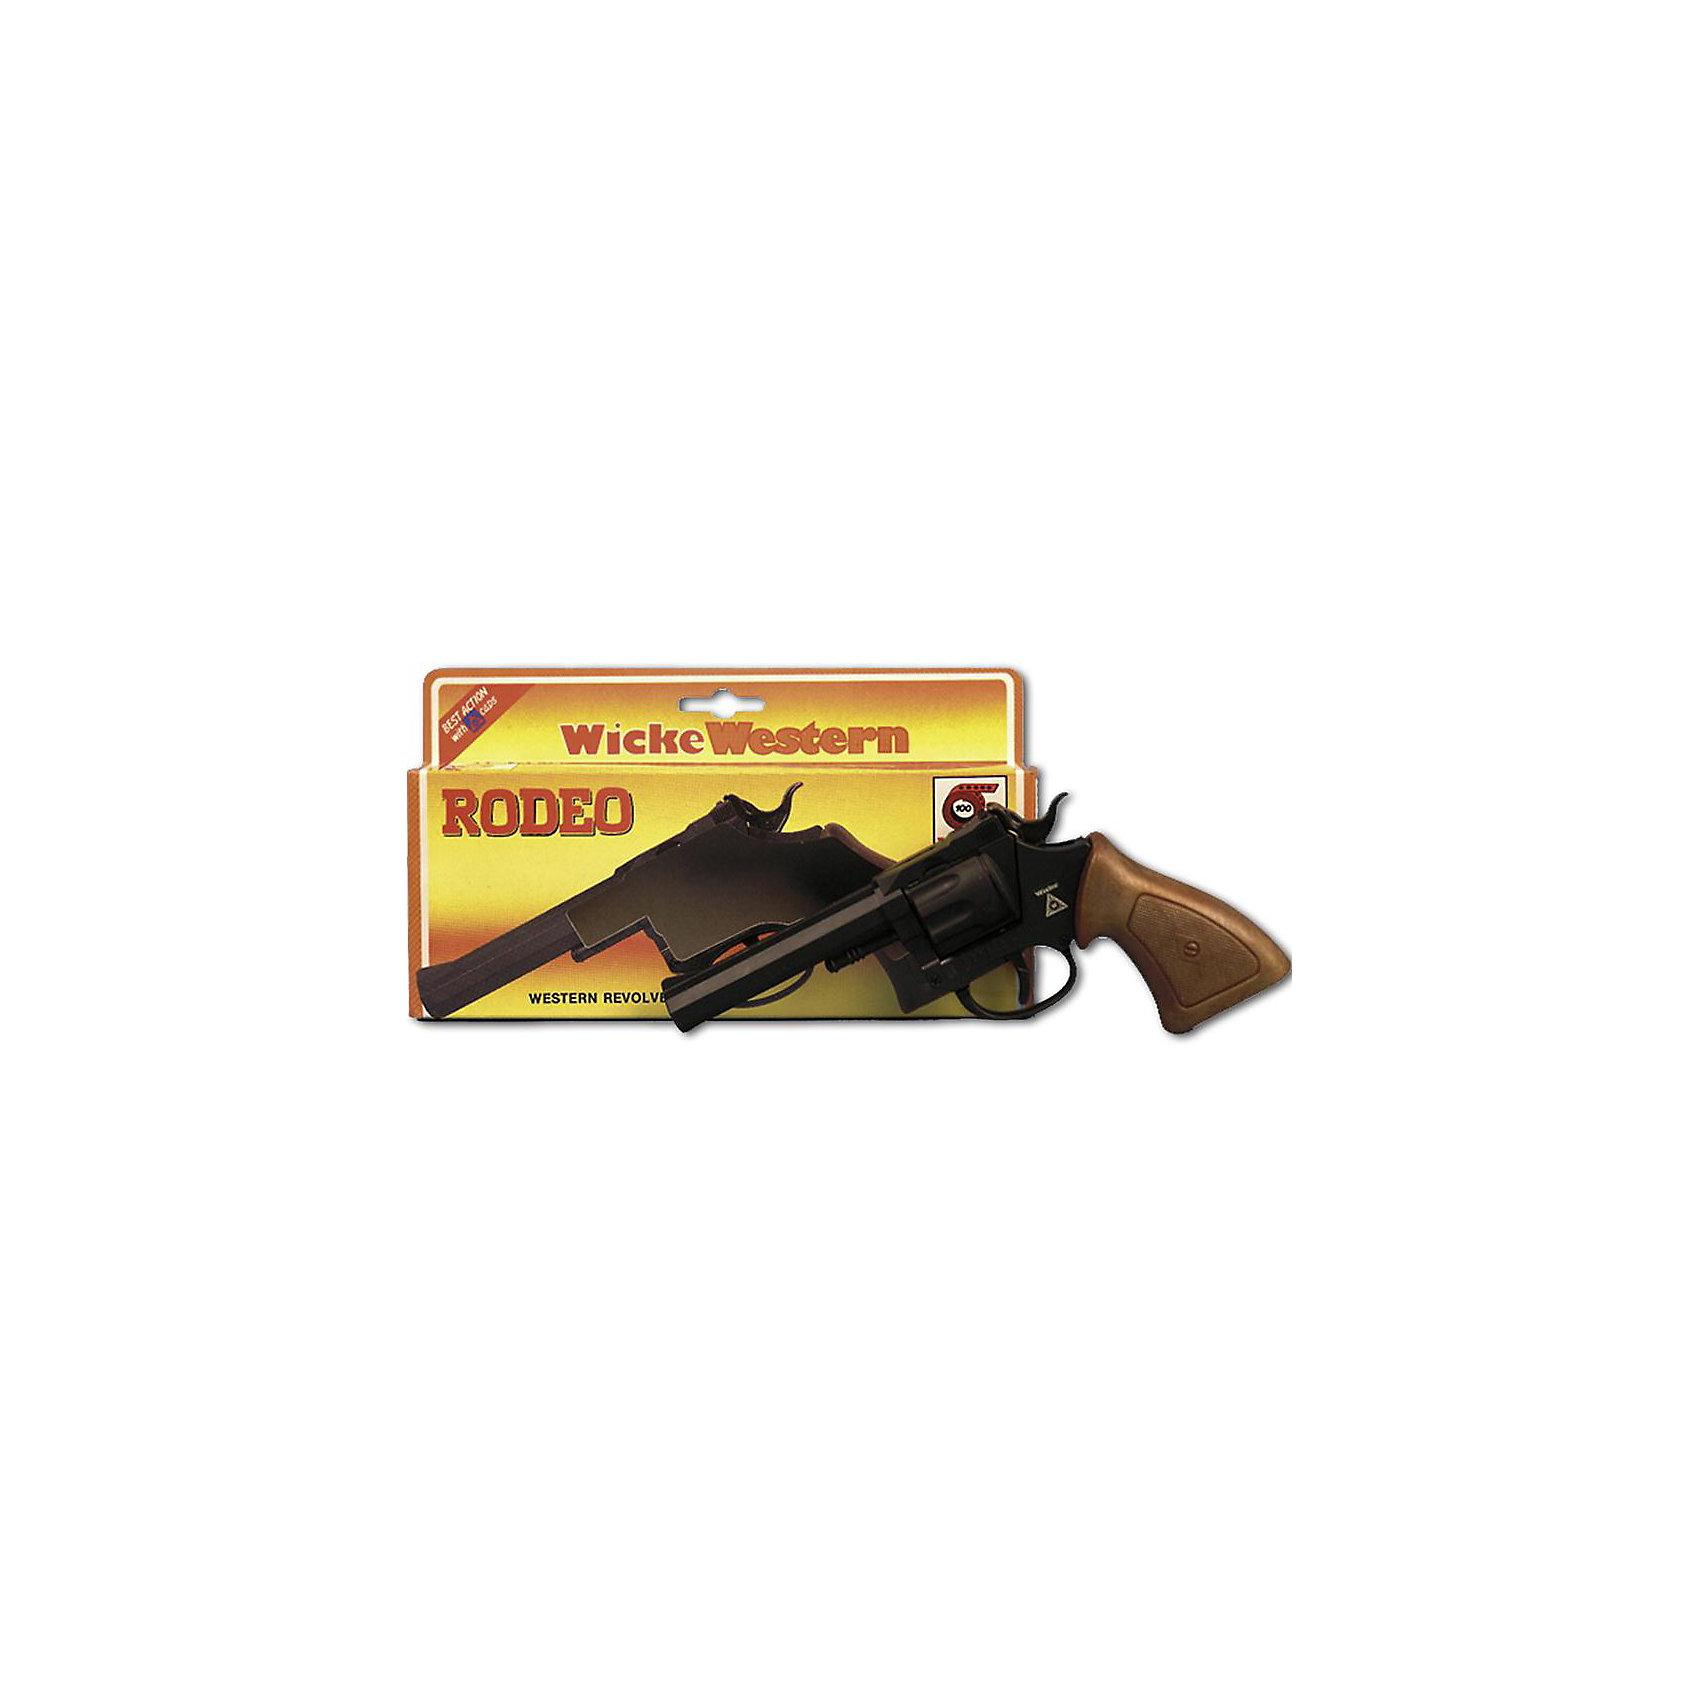 Пистолет Rodeo, 100-зарядный,  Sohni-WickeИгрушечное оружие<br>Пистолет Rodeo, 100-зарядный,  Sohni-Wicke (Сони-Вике) – это отлично детализированный пистолет игрушка.<br>Пистолет Родео с черным резным дулом — мощное и стильное оружие для игры в вестерн. 100-зарядный игрушечный пистолет Rodeo выполнен в натуральную величину с сильной детализацией и издали на 100% похож, на настоящий. Он стреляет бумажными пистонами, издавая при этом реалистические звуки выстрелов, тип выстрелов - одиночные. Пистолет изготовлен из прочного пластика, который не содержат токсичных и опасных веществ. Игрушечное оружие Sohni-Wicke (Сони-Вике) — это лучшие детские пистонные винтовки и пистолеты для мальчиков. Используйте пистолет на достаточном расстоянии от лица и ушей. Стрельба из пистонных пистолетов на близком расстоянии к ушам может привести к повреждению слуха. Не стреляйте в помещении.<br><br>Дополнительная информация:<br><br>- Ёмкость магазина: 100 зарядов<br>- Материал: пластик<br>- Размер пистолета: 19,8 см.<br>- Пистоны приобретаются отдельно<br>- Внимание: мелкие детали! Игрушка не подходит для детей младше 3 лет<br>- Заранее внимательно изучите инструкцию по безопасному обращению с игрушкой<br><br>Пистолет Rodeo, 100-зарядный,  Sohni-Wicke (Сони-Вике) можно купить в нашем интернет-магазине.<br><br>Ширина мм: 20<br>Глубина мм: 180<br>Высота мм: 215<br>Вес г: 154<br>Возраст от месяцев: 72<br>Возраст до месяцев: 168<br>Пол: Мужской<br>Возраст: Детский<br>SKU: 1542096